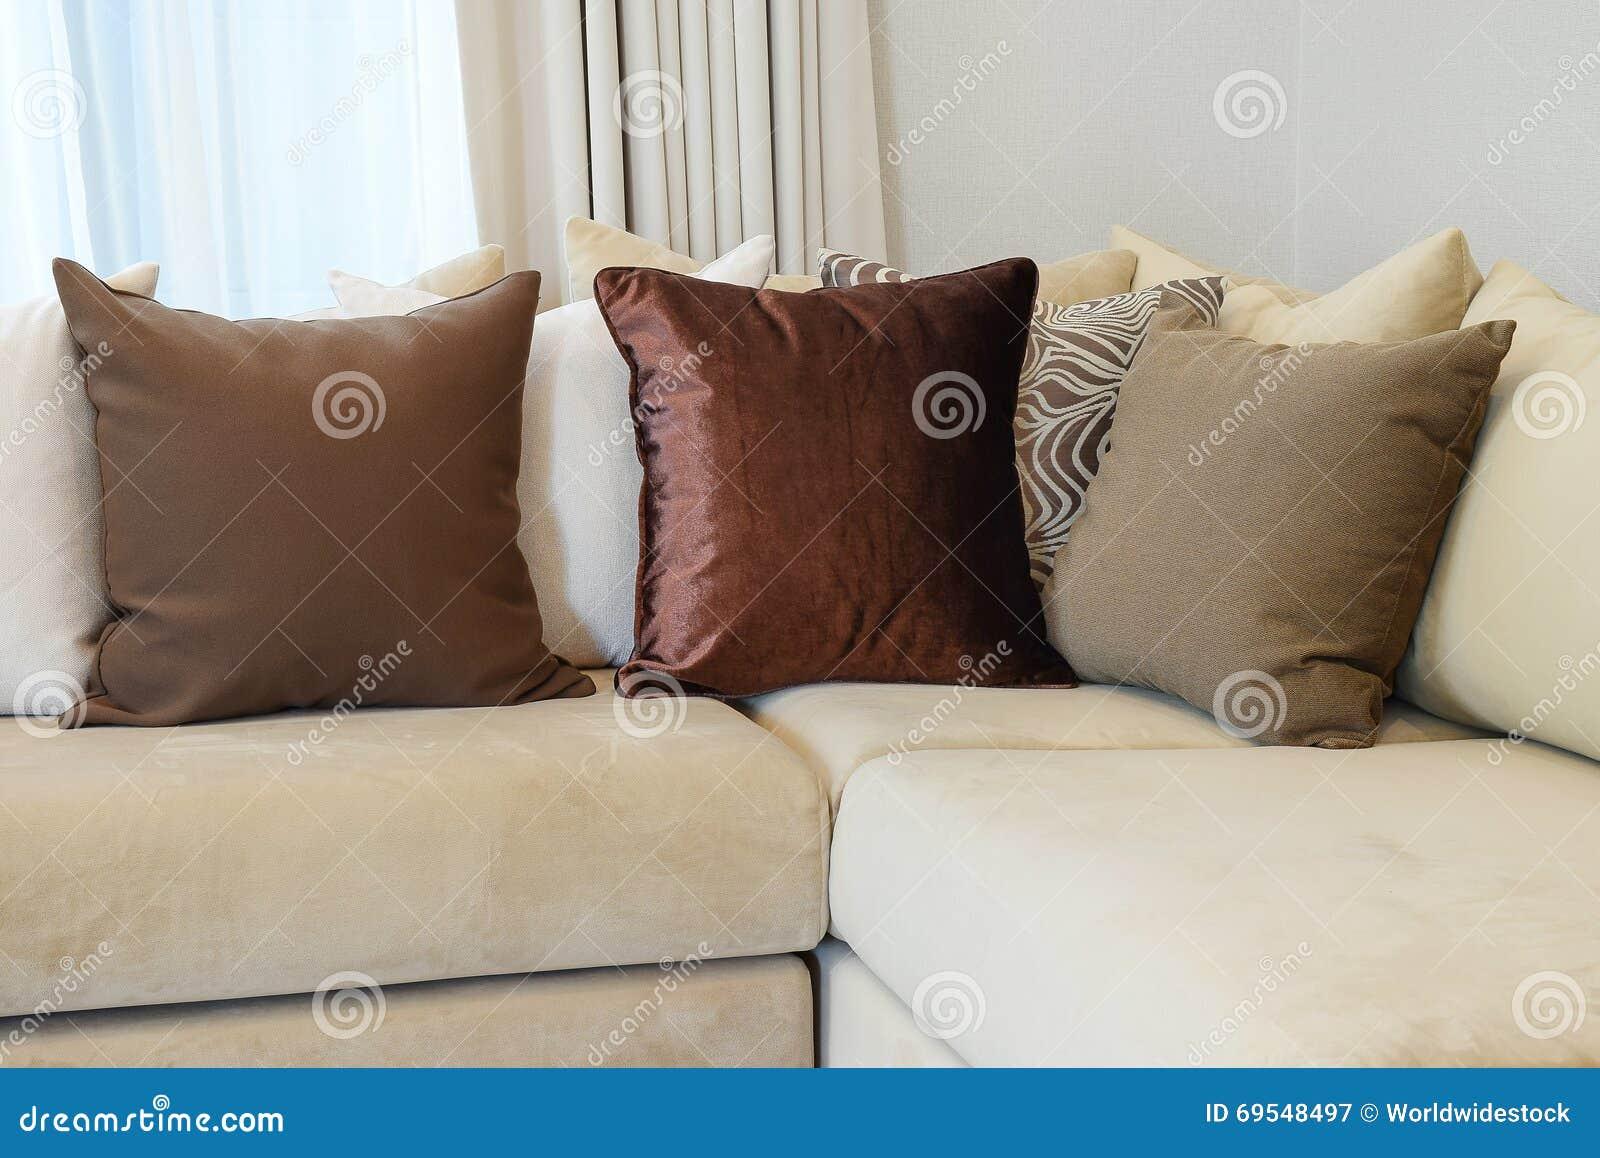 Starkes Braunes Sofa Mit Braun Kopierten Kissen Stockbild Bild Von